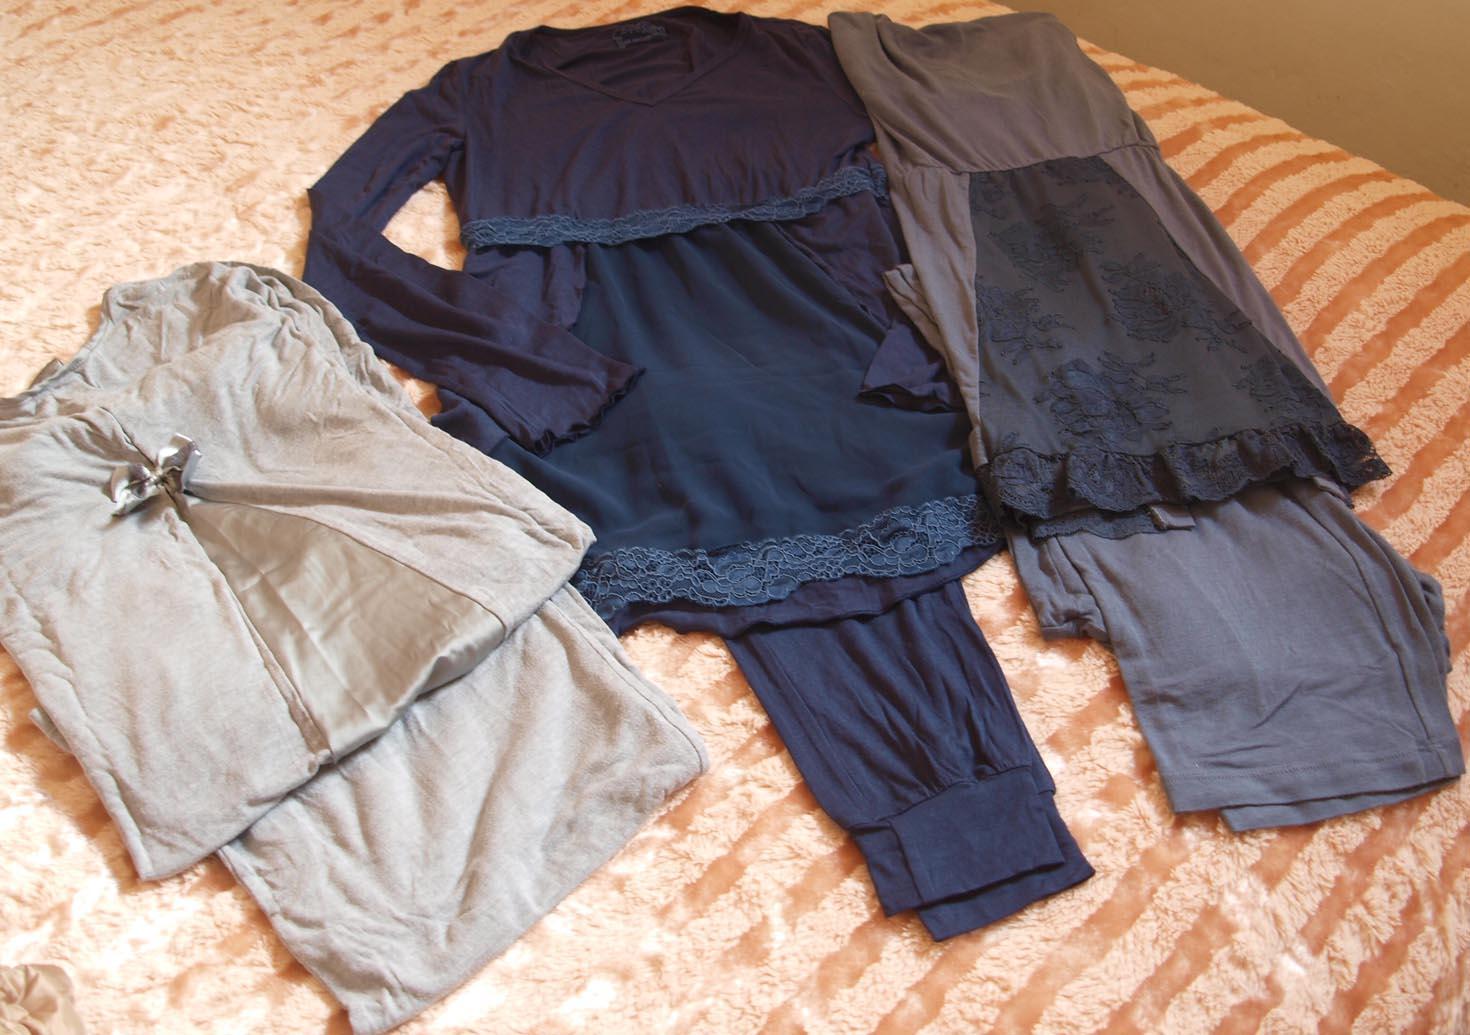 私の密かな贅沢はここのパジャマでベットに入る事_c0179785_562139.jpg